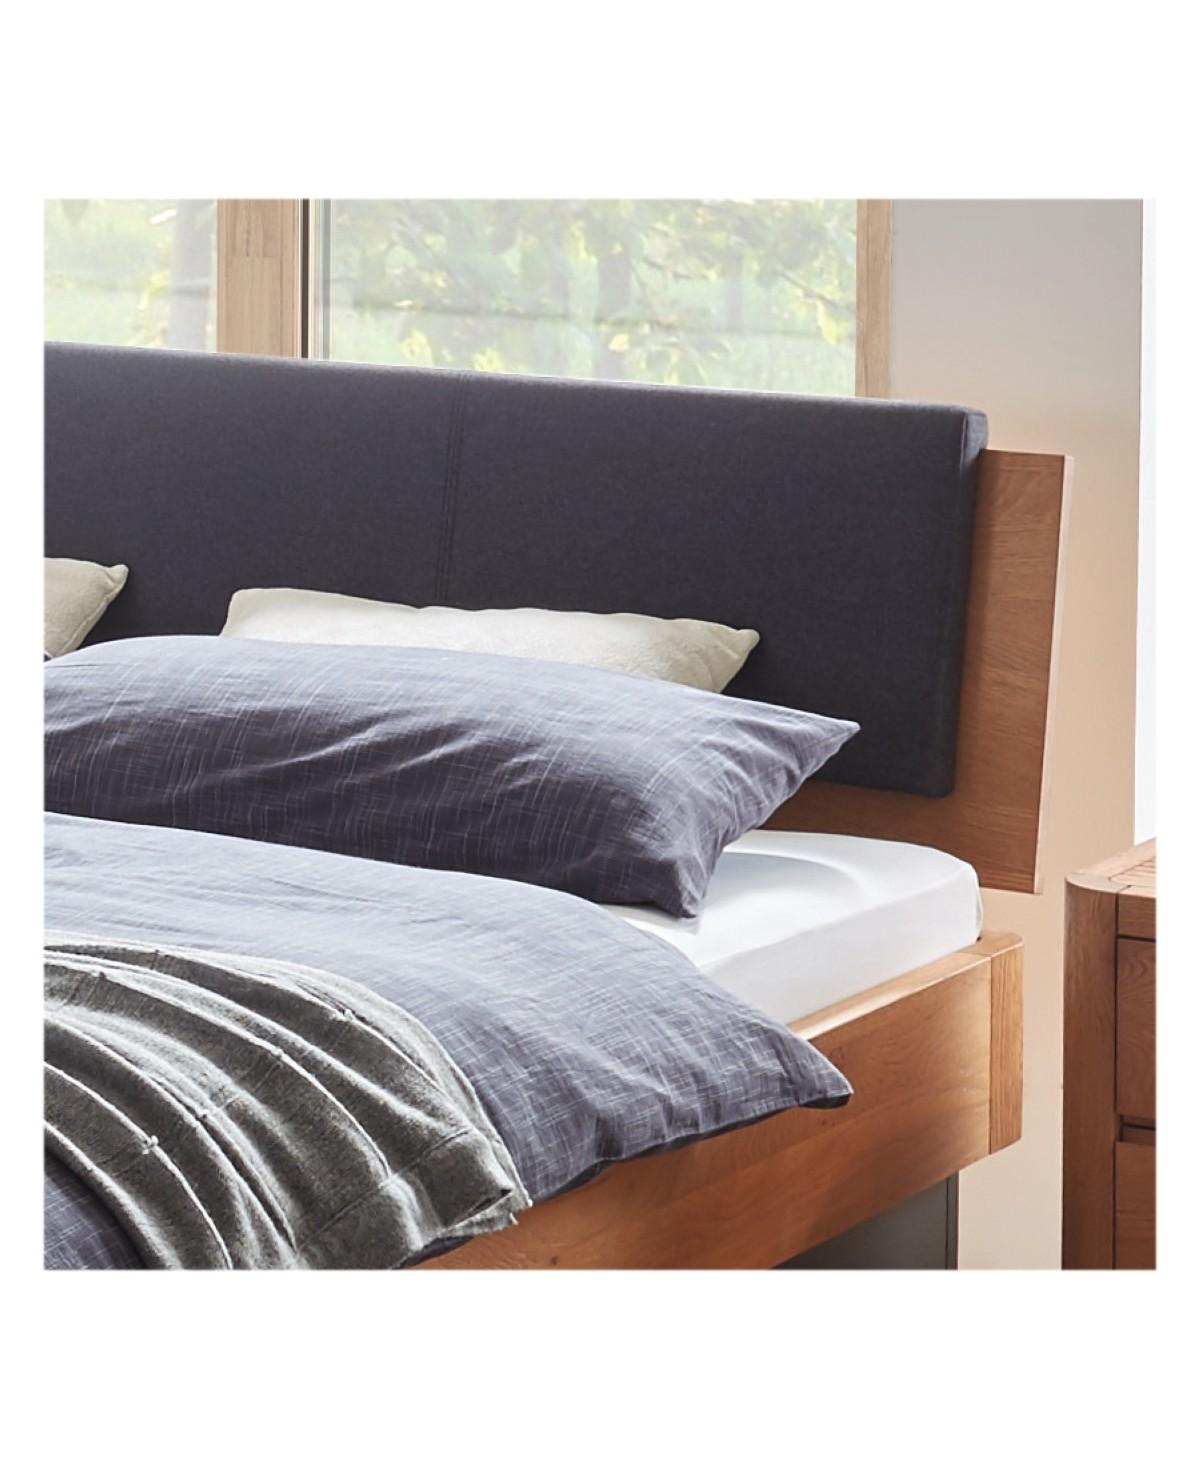 Full Size of Stauraumbett 200x200 Bett Mit Bettkasten Weiß Betten Stauraum Komforthöhe Wohnzimmer Stauraumbett 200x200